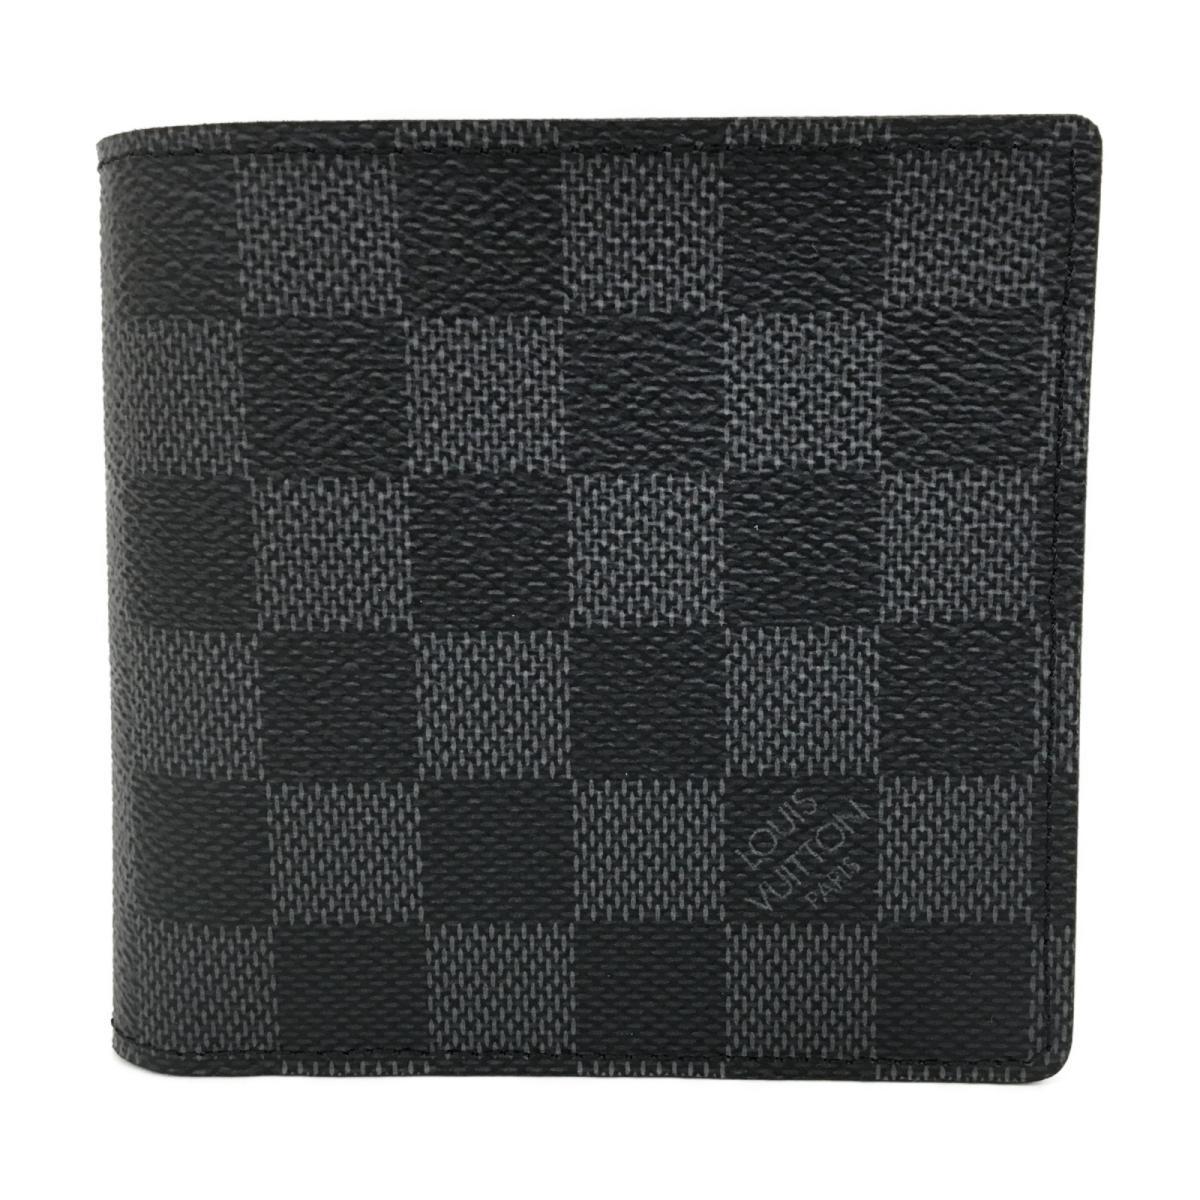 ポルトフォイユ・マルコ 二つ折り財布 財布